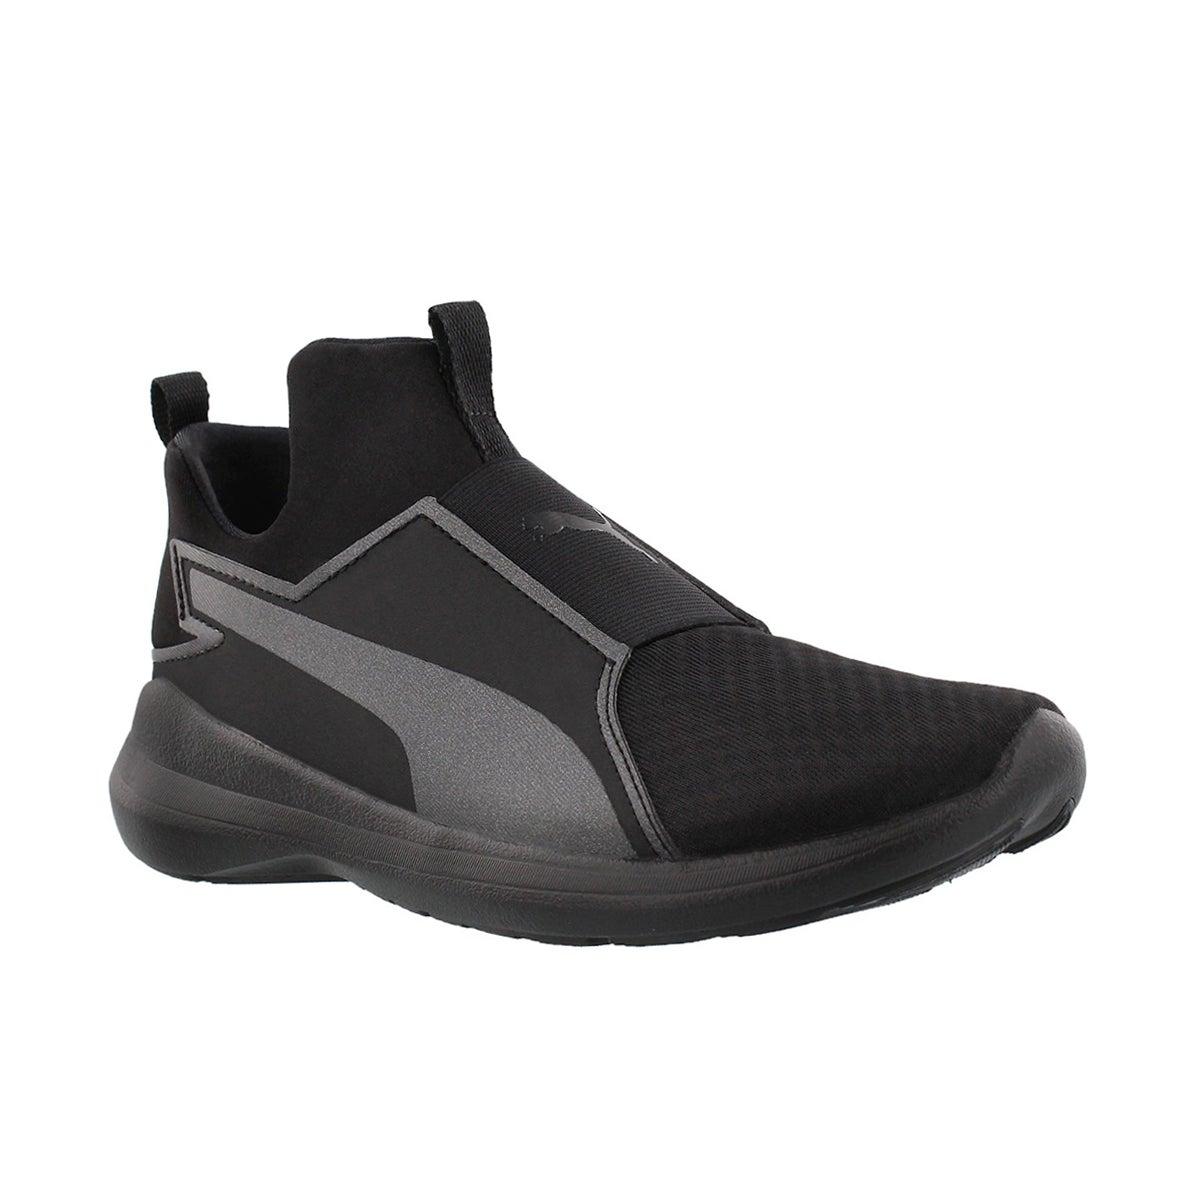 Boys' REBEL MID JR black slipon sneakers